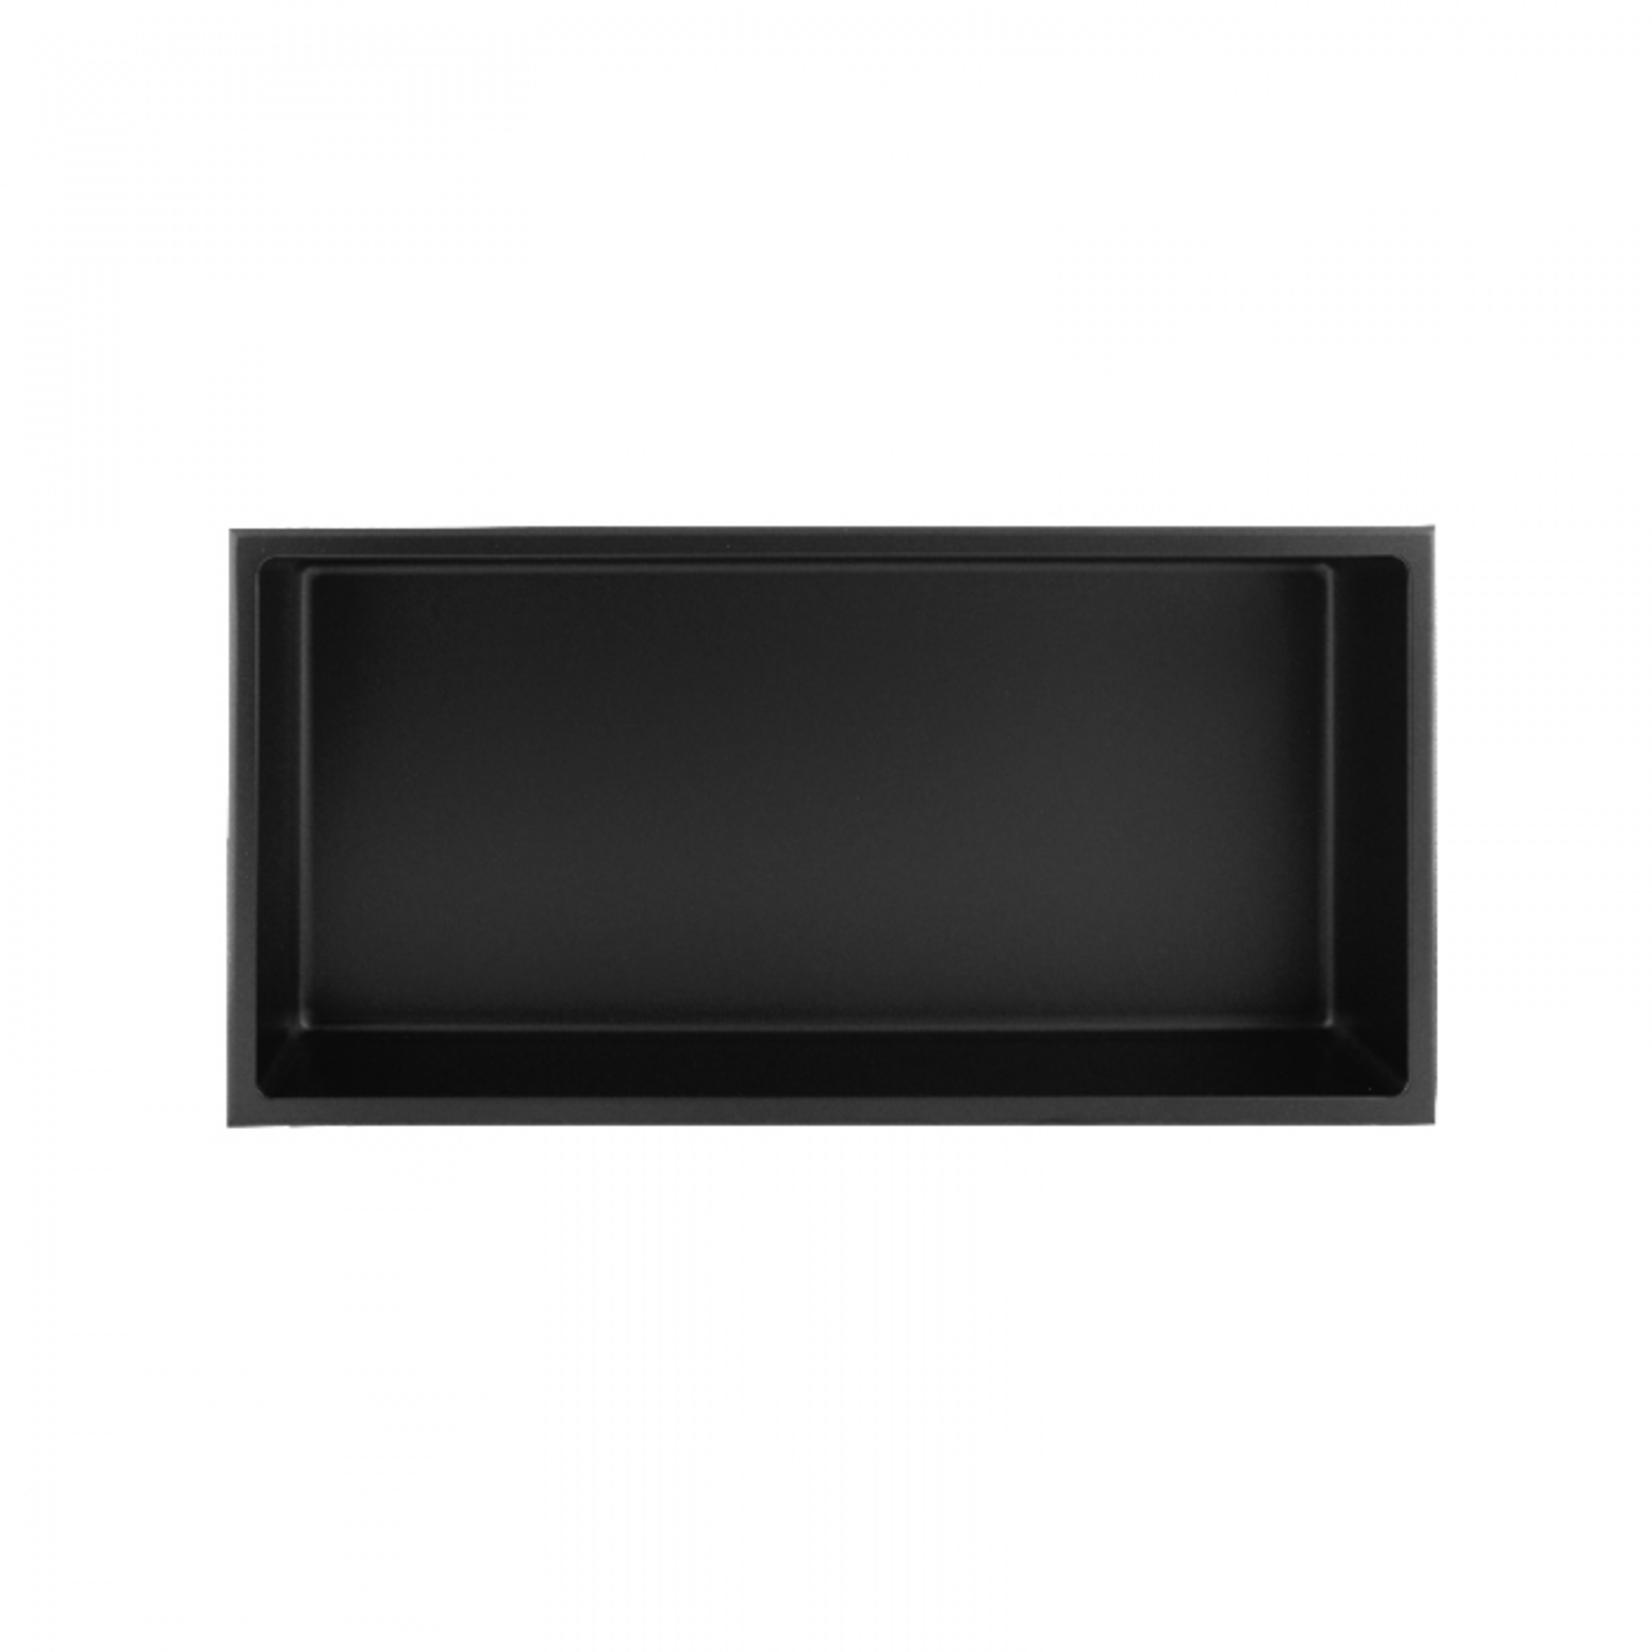 Wall niche 12x24 Black Nautika NI1224B